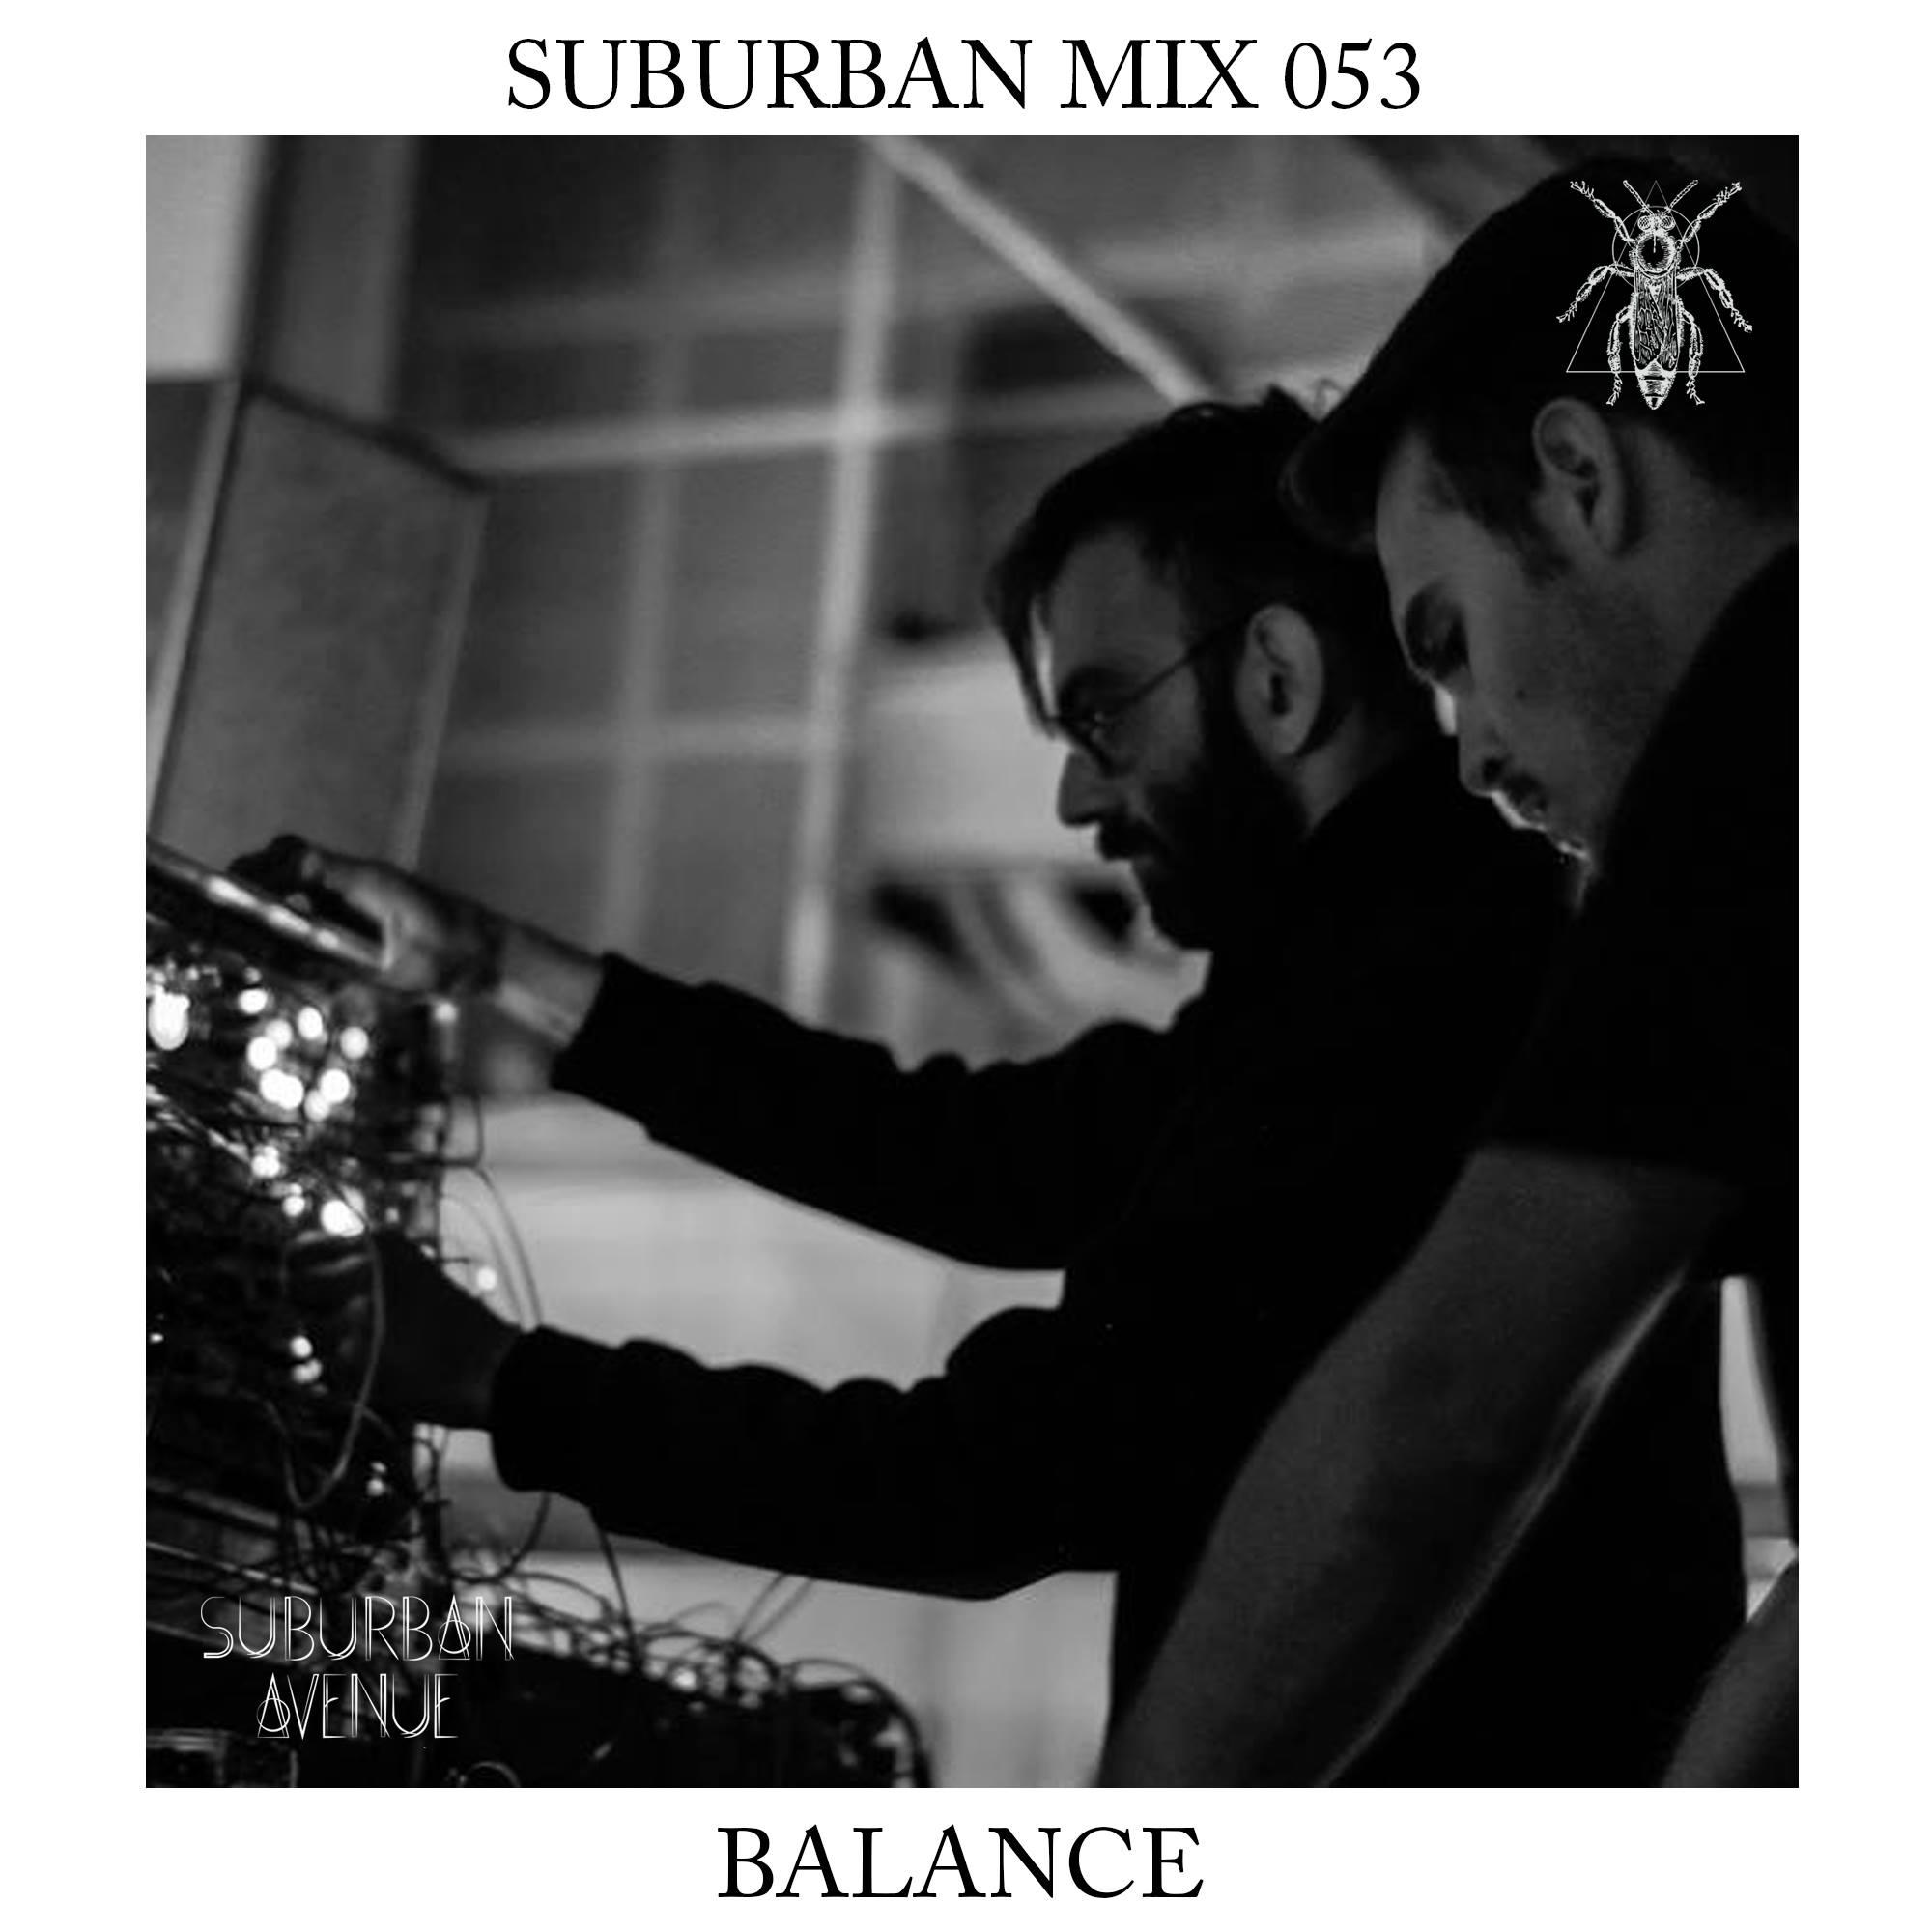 Suburban Mix 053 - Balance